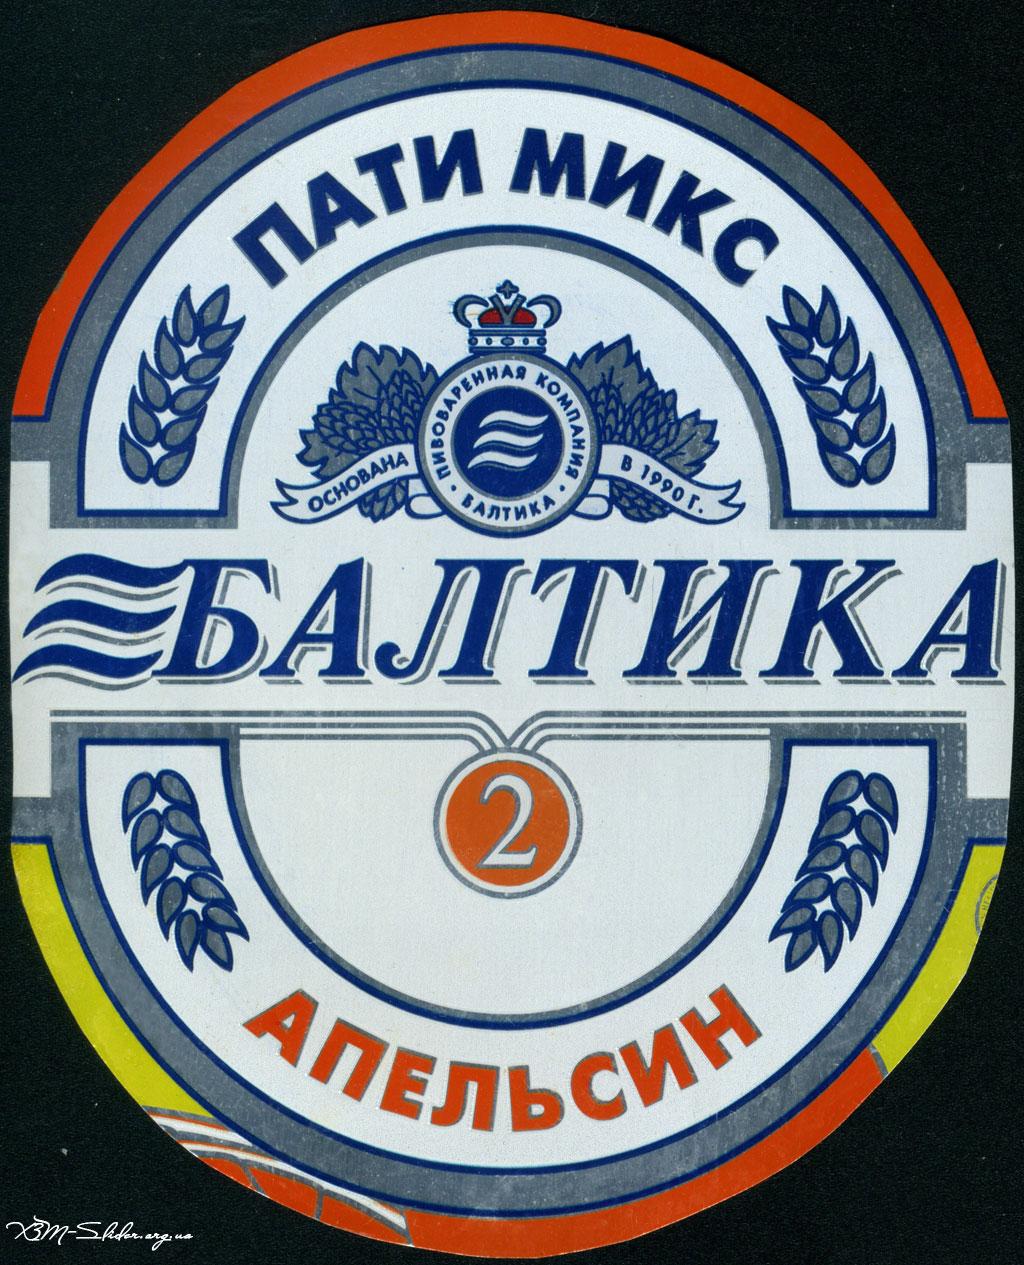 Балтика 2 - Апельсин